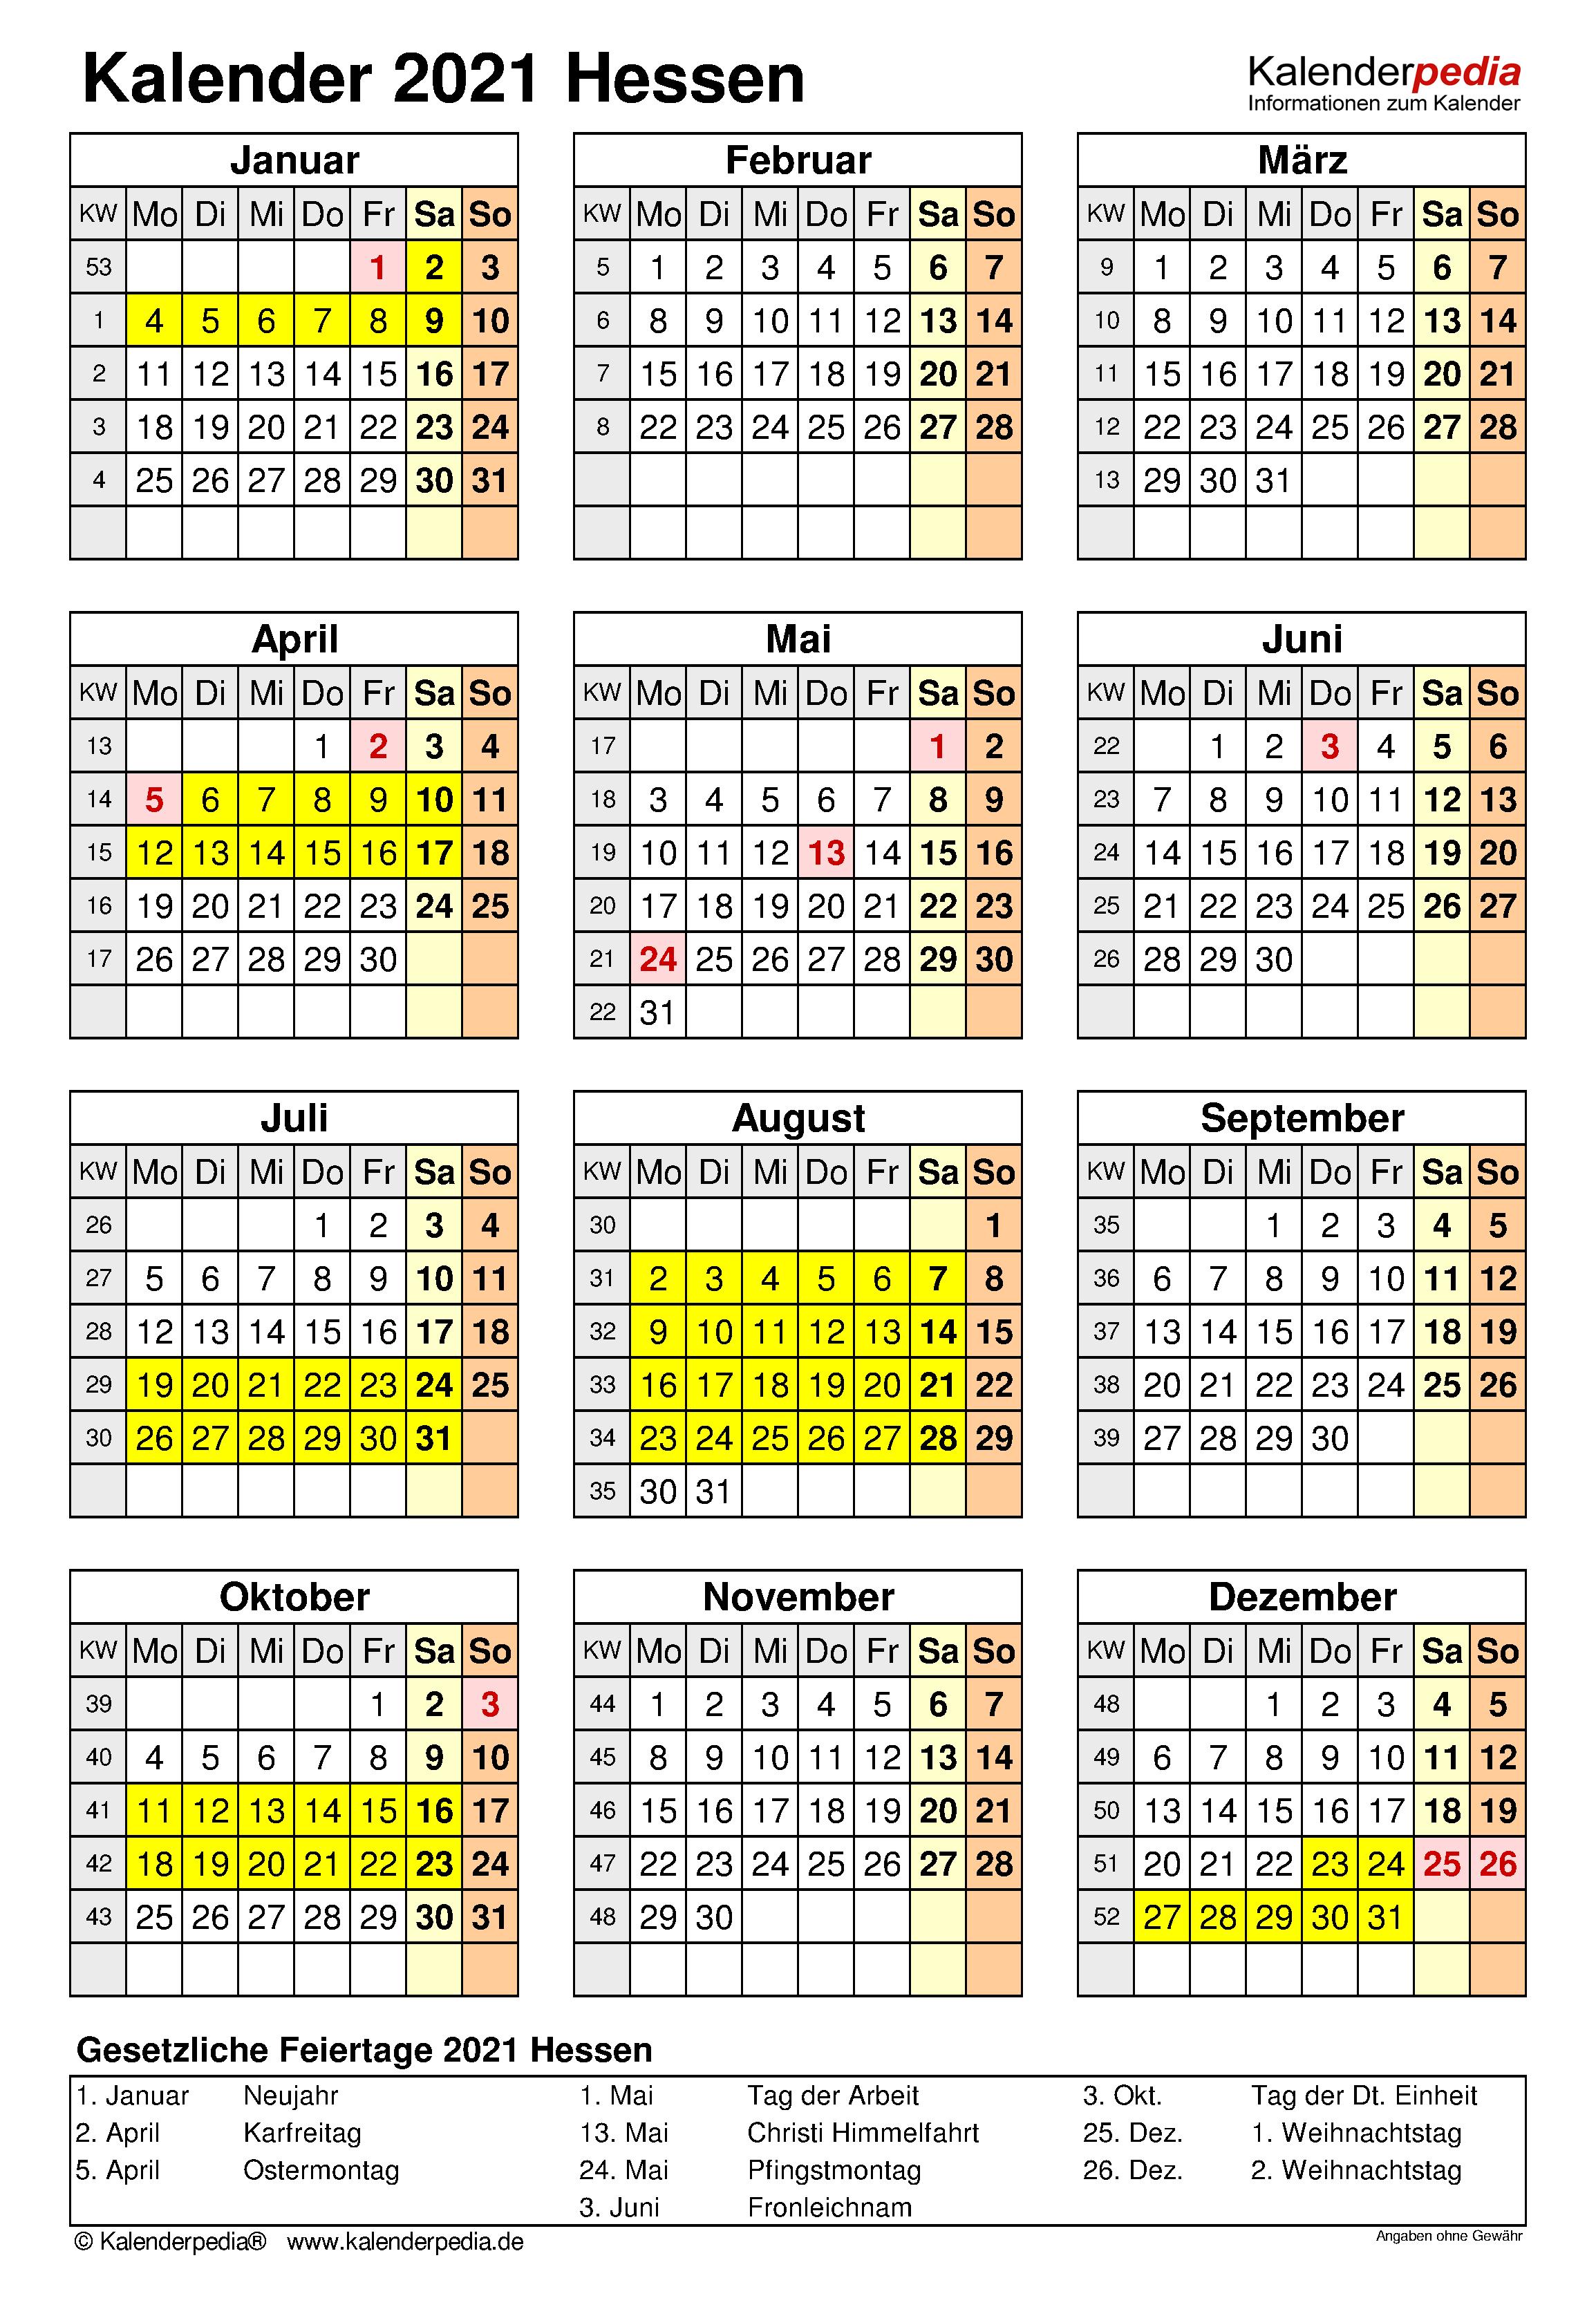 Kalender 2021 Hessen: Ferien, Feiertage, Excel-Vorlagen